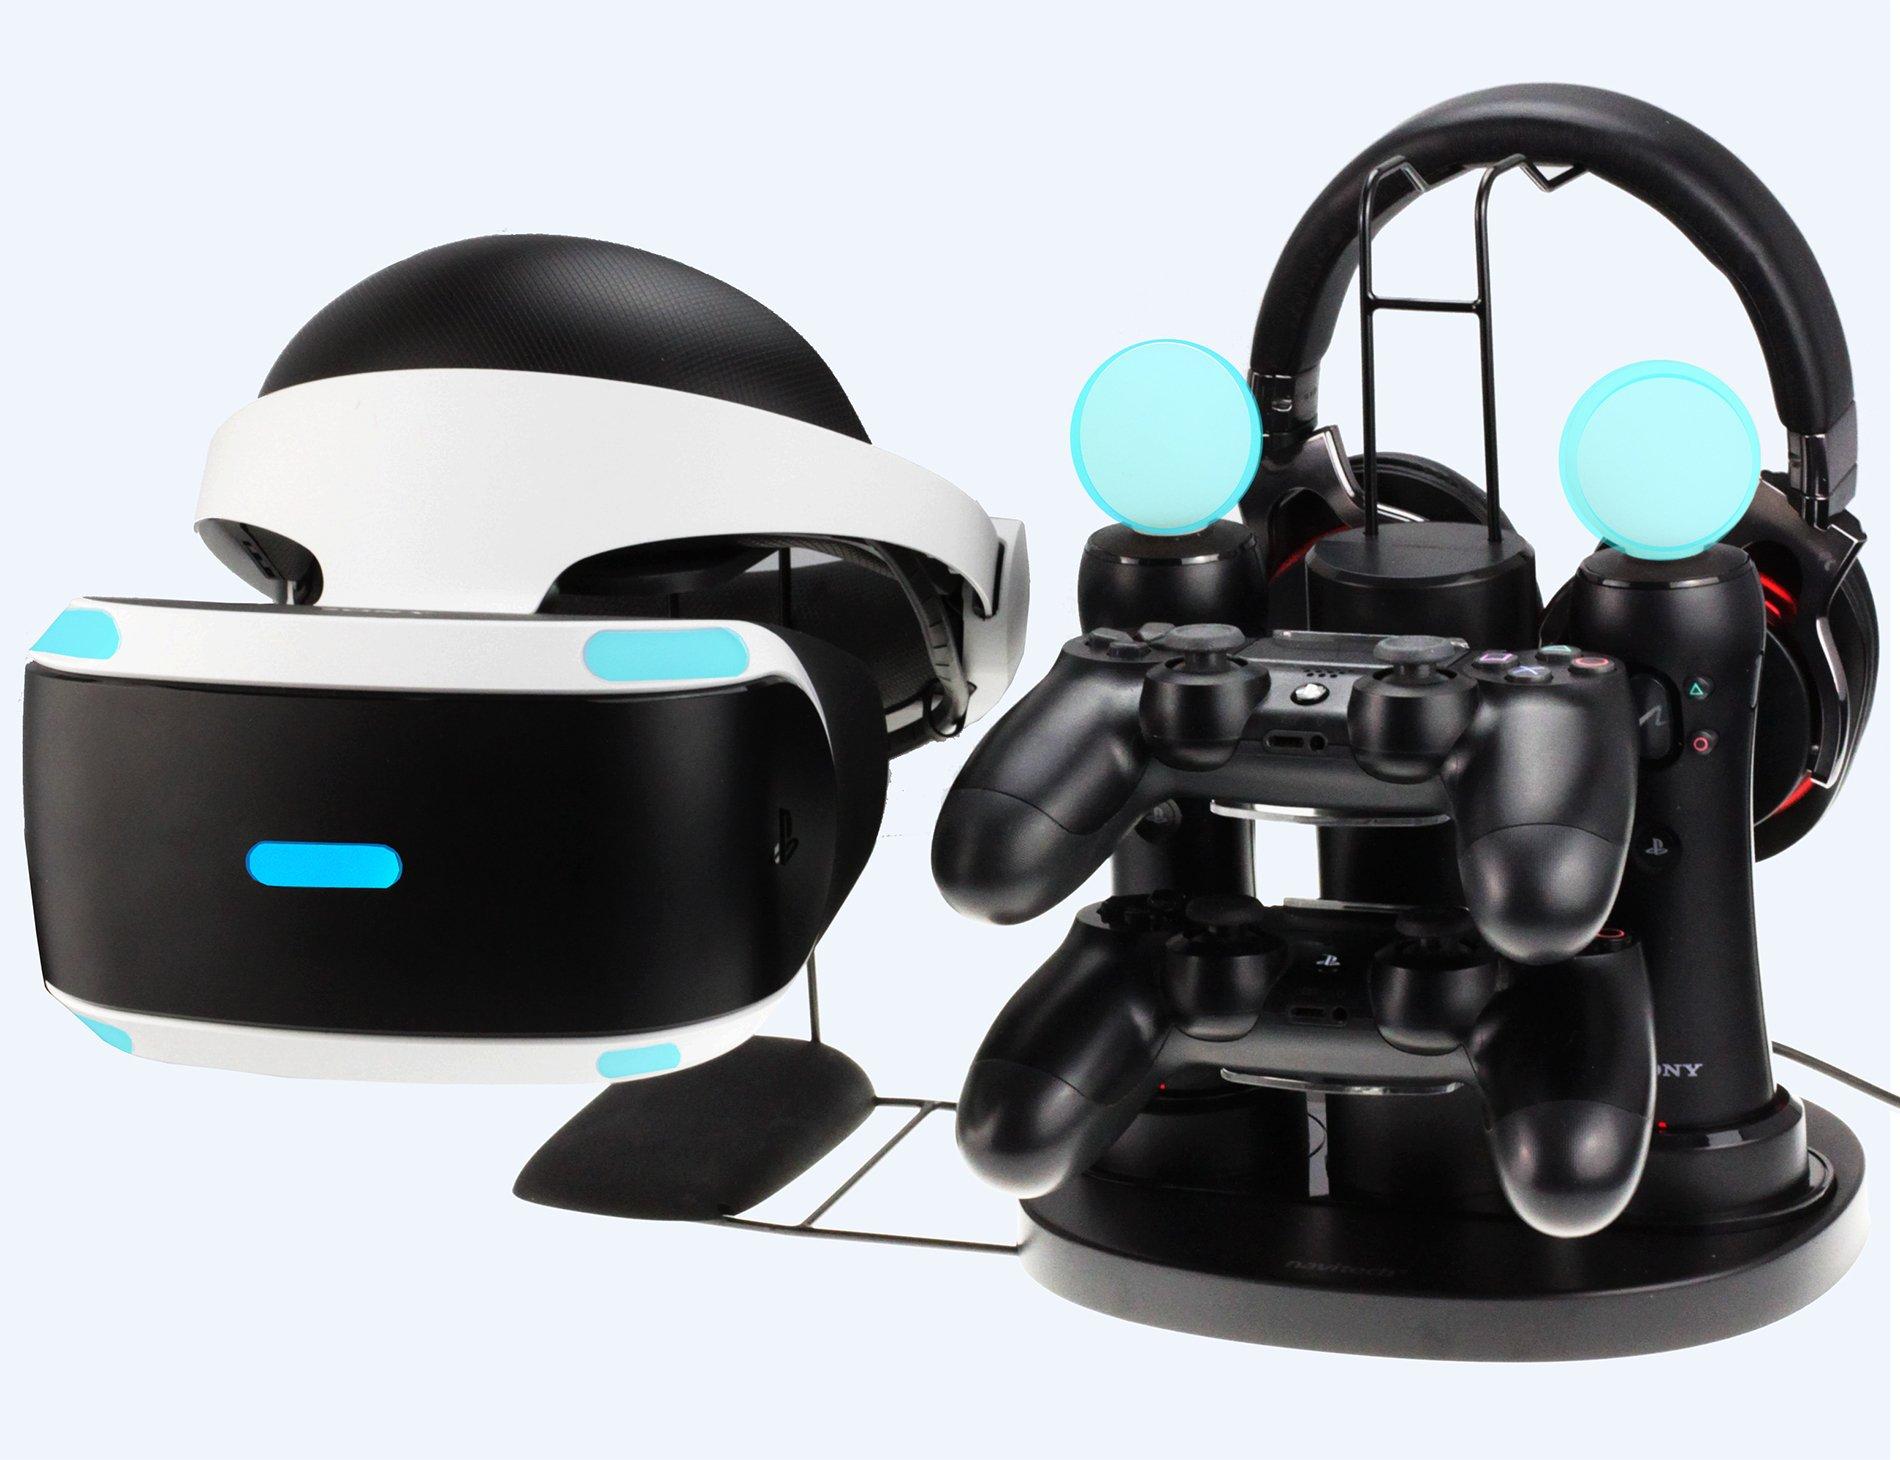 Navitech Station de recharge avec câble de chargement USB de 1,2m 5v 3A pour Sony PlayStation VR / PSVR / CUH-ZVR1/ CUH-ZVR2